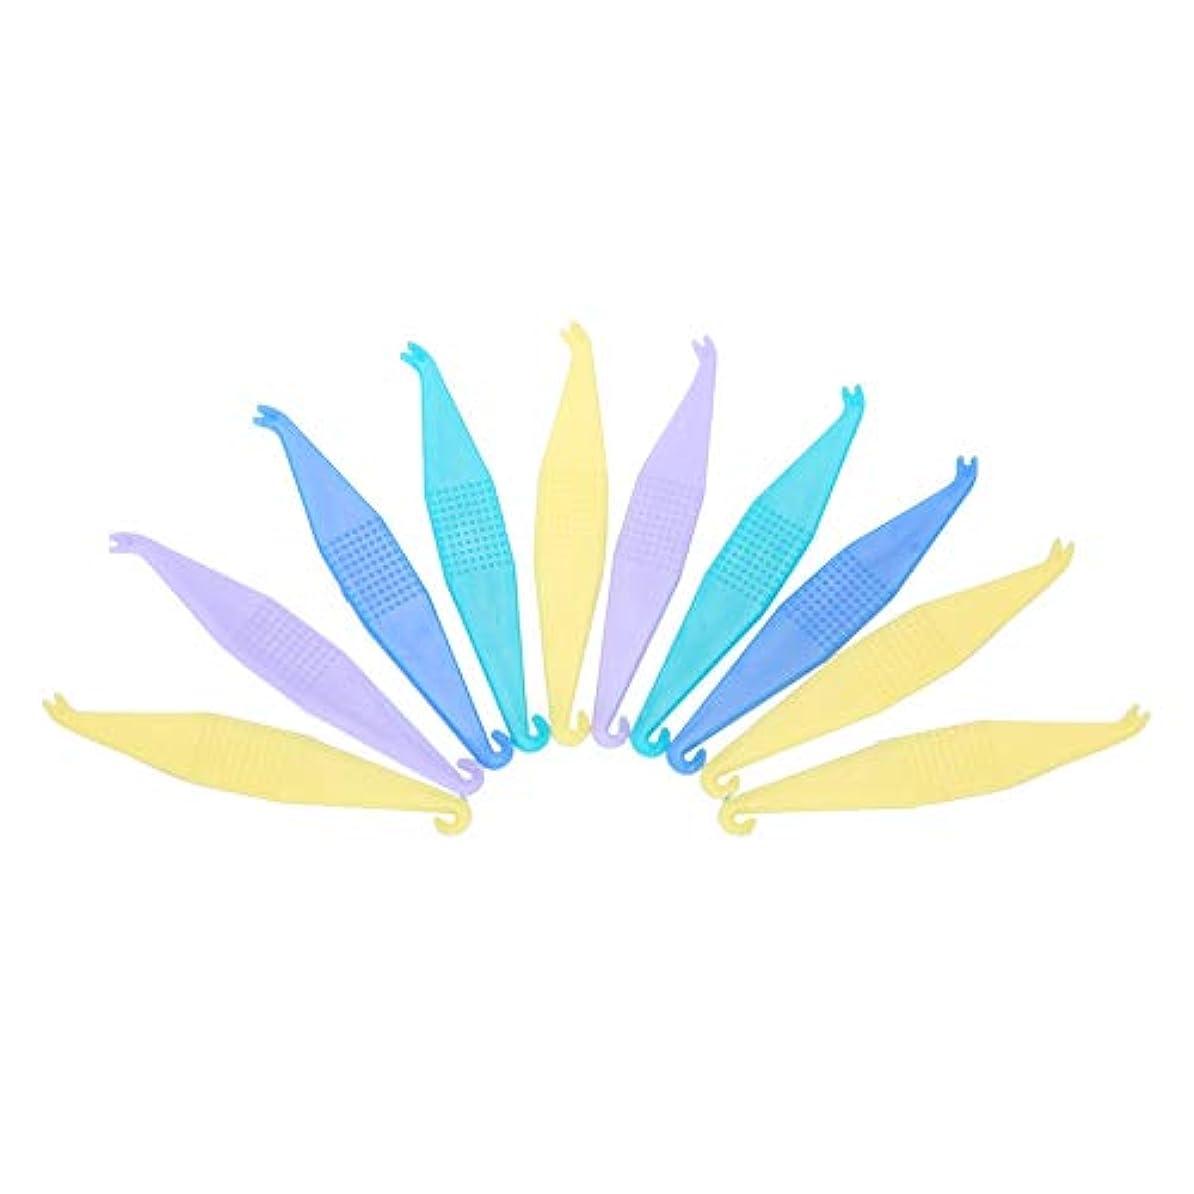 宣言する失新聞TOPINCN 【10個セット】使い捨て矯正用弾性プラスサーズ 歯科用 使い捨て プラスチック製 歯列矯正歯科用プラスター 安全 衛生